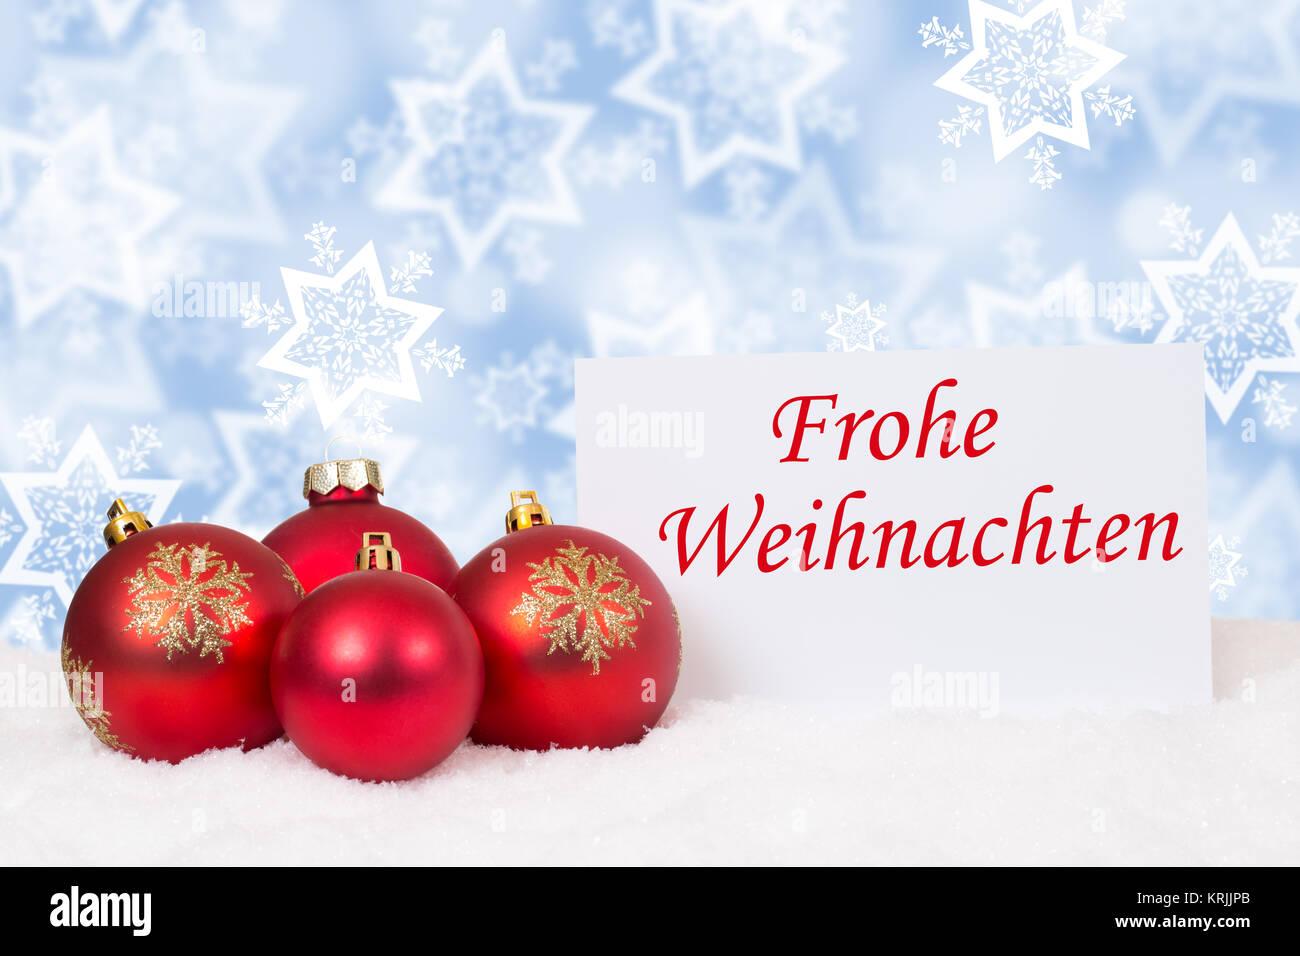 Rote Weihnachtskugeln Frohe Weihnachten Weihnachtskarte Schnee ...